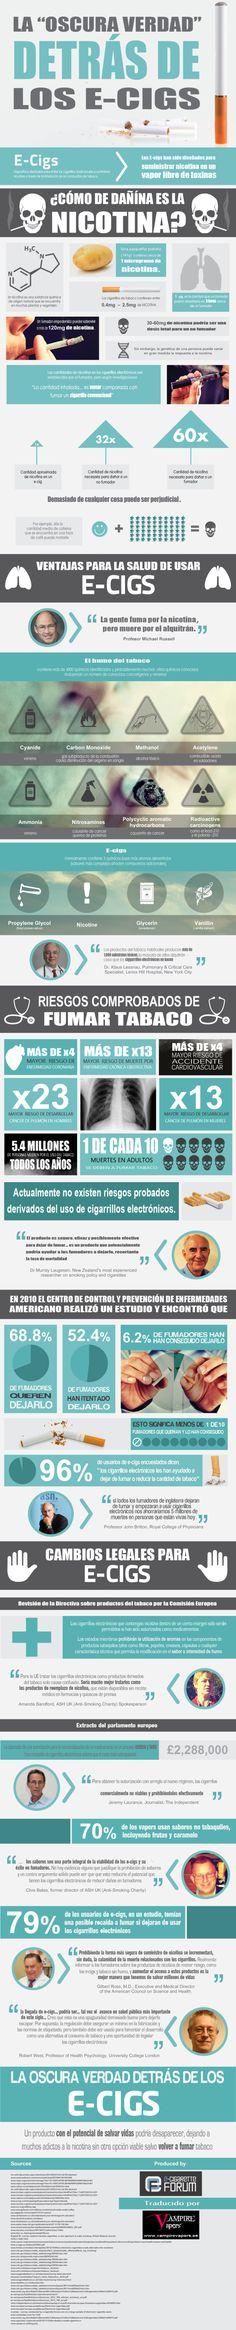 La oscura verdad de los cigarrillos electrónicos